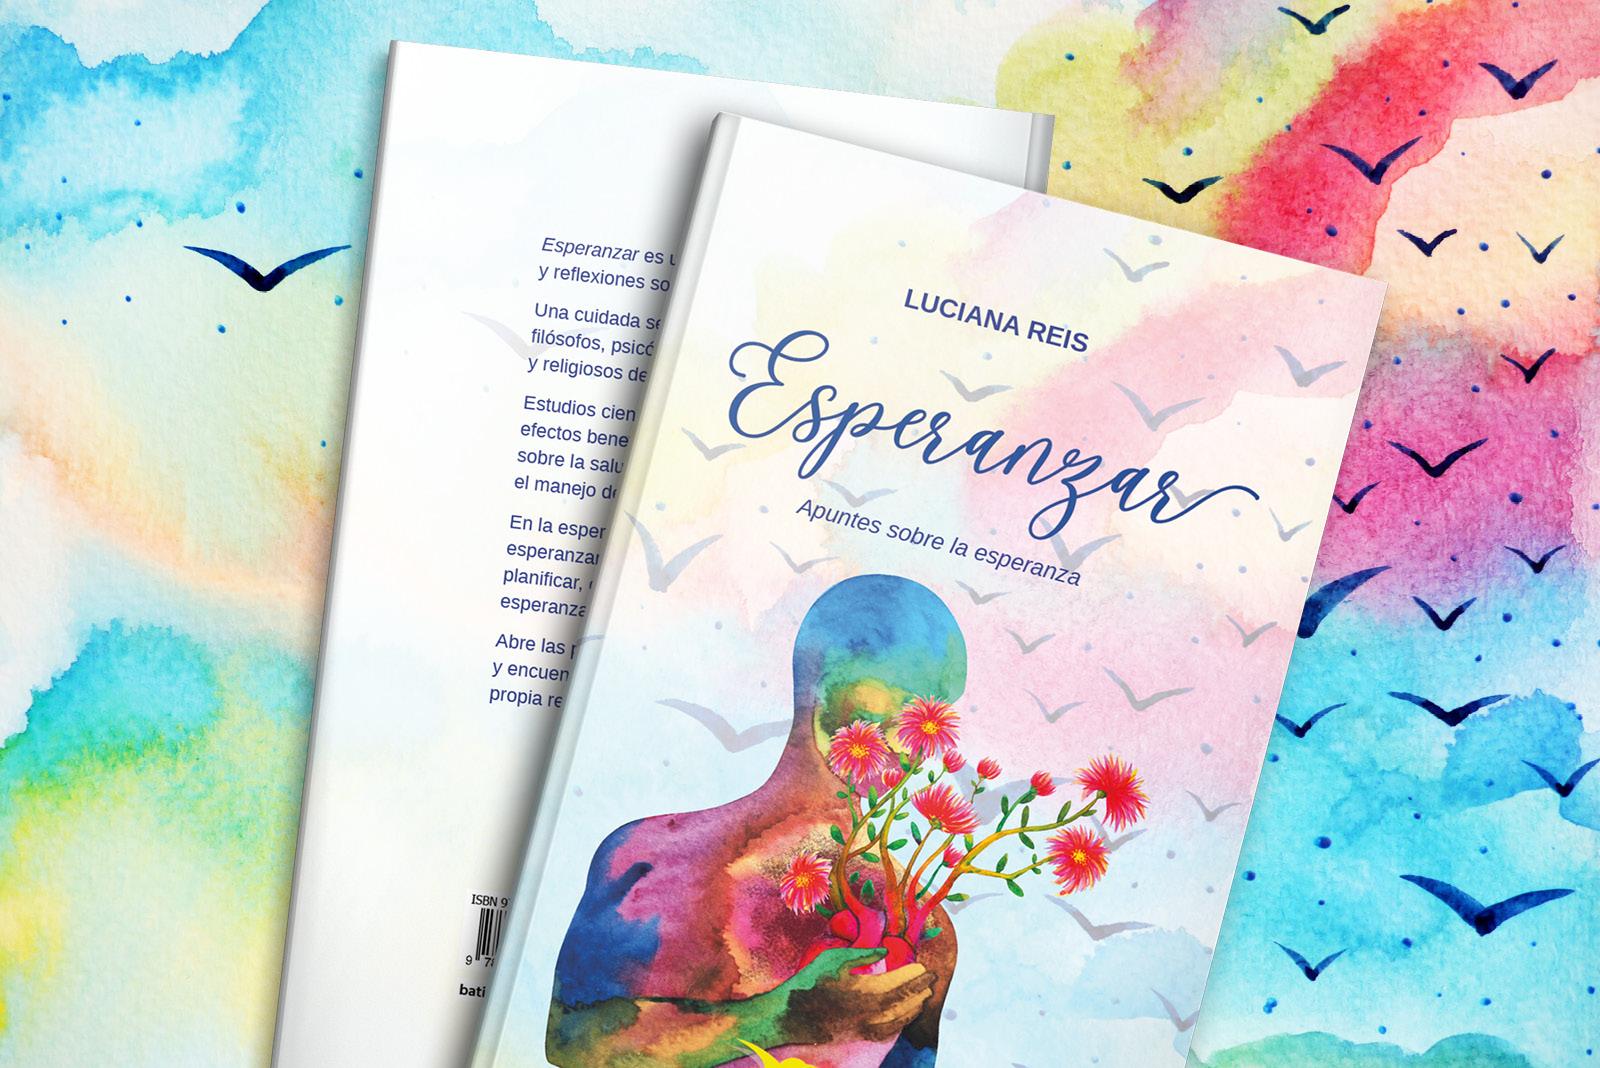 batidora_ediciones-blog-esperanzar